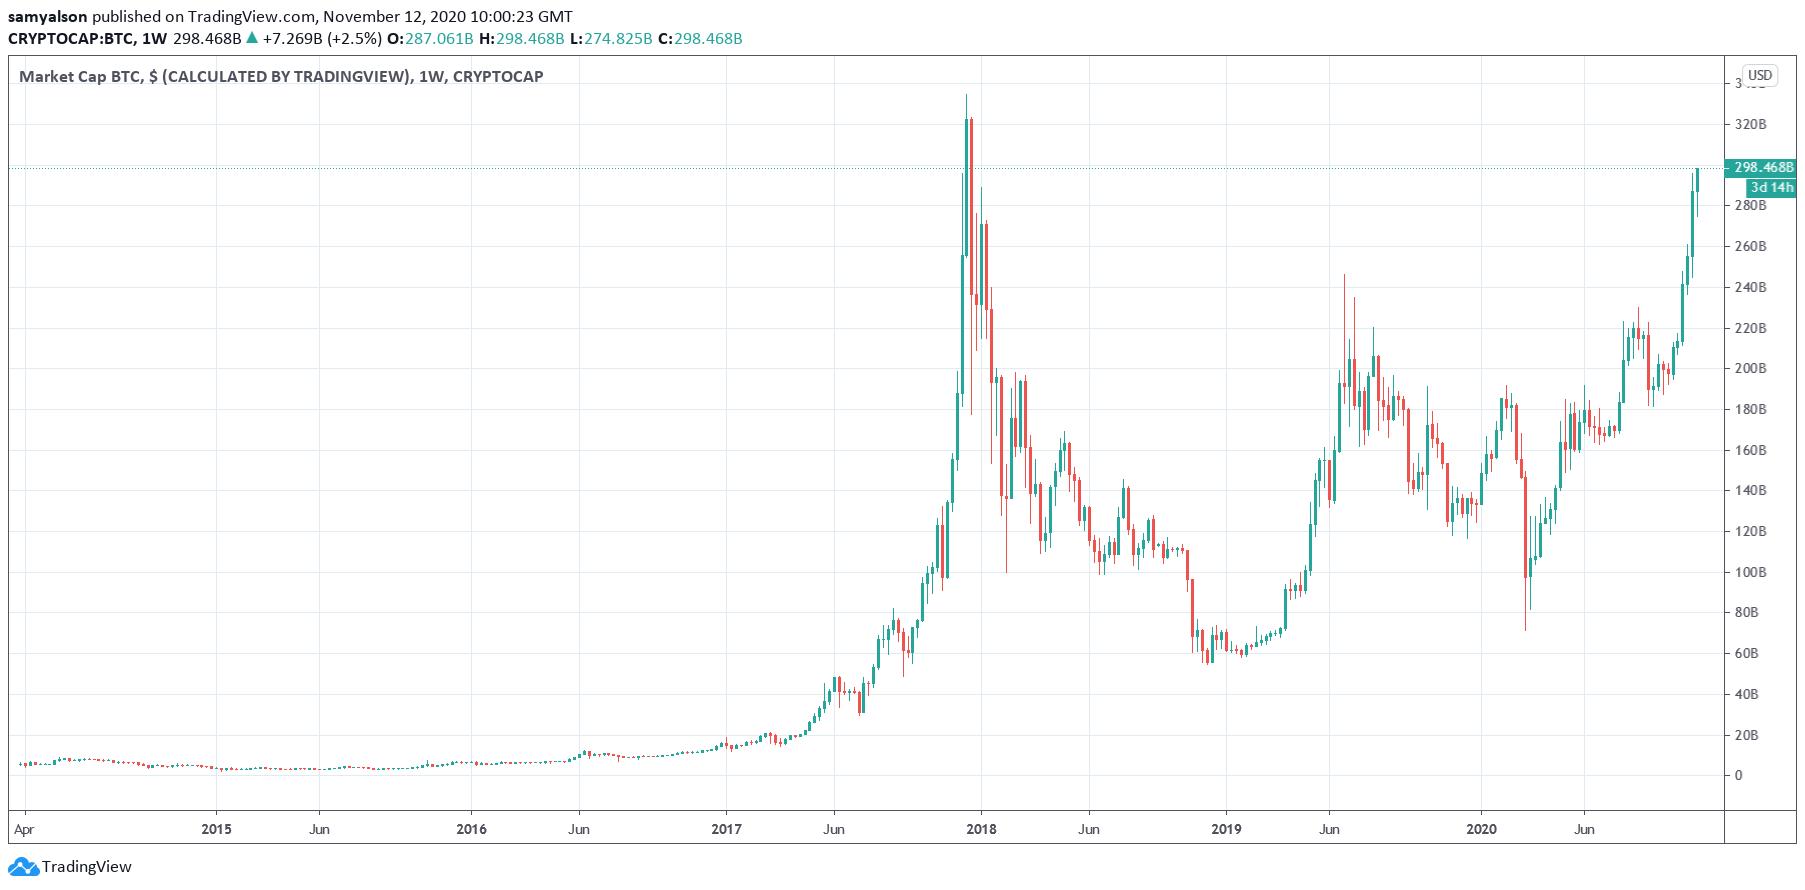 Рыночная капитализация BTC